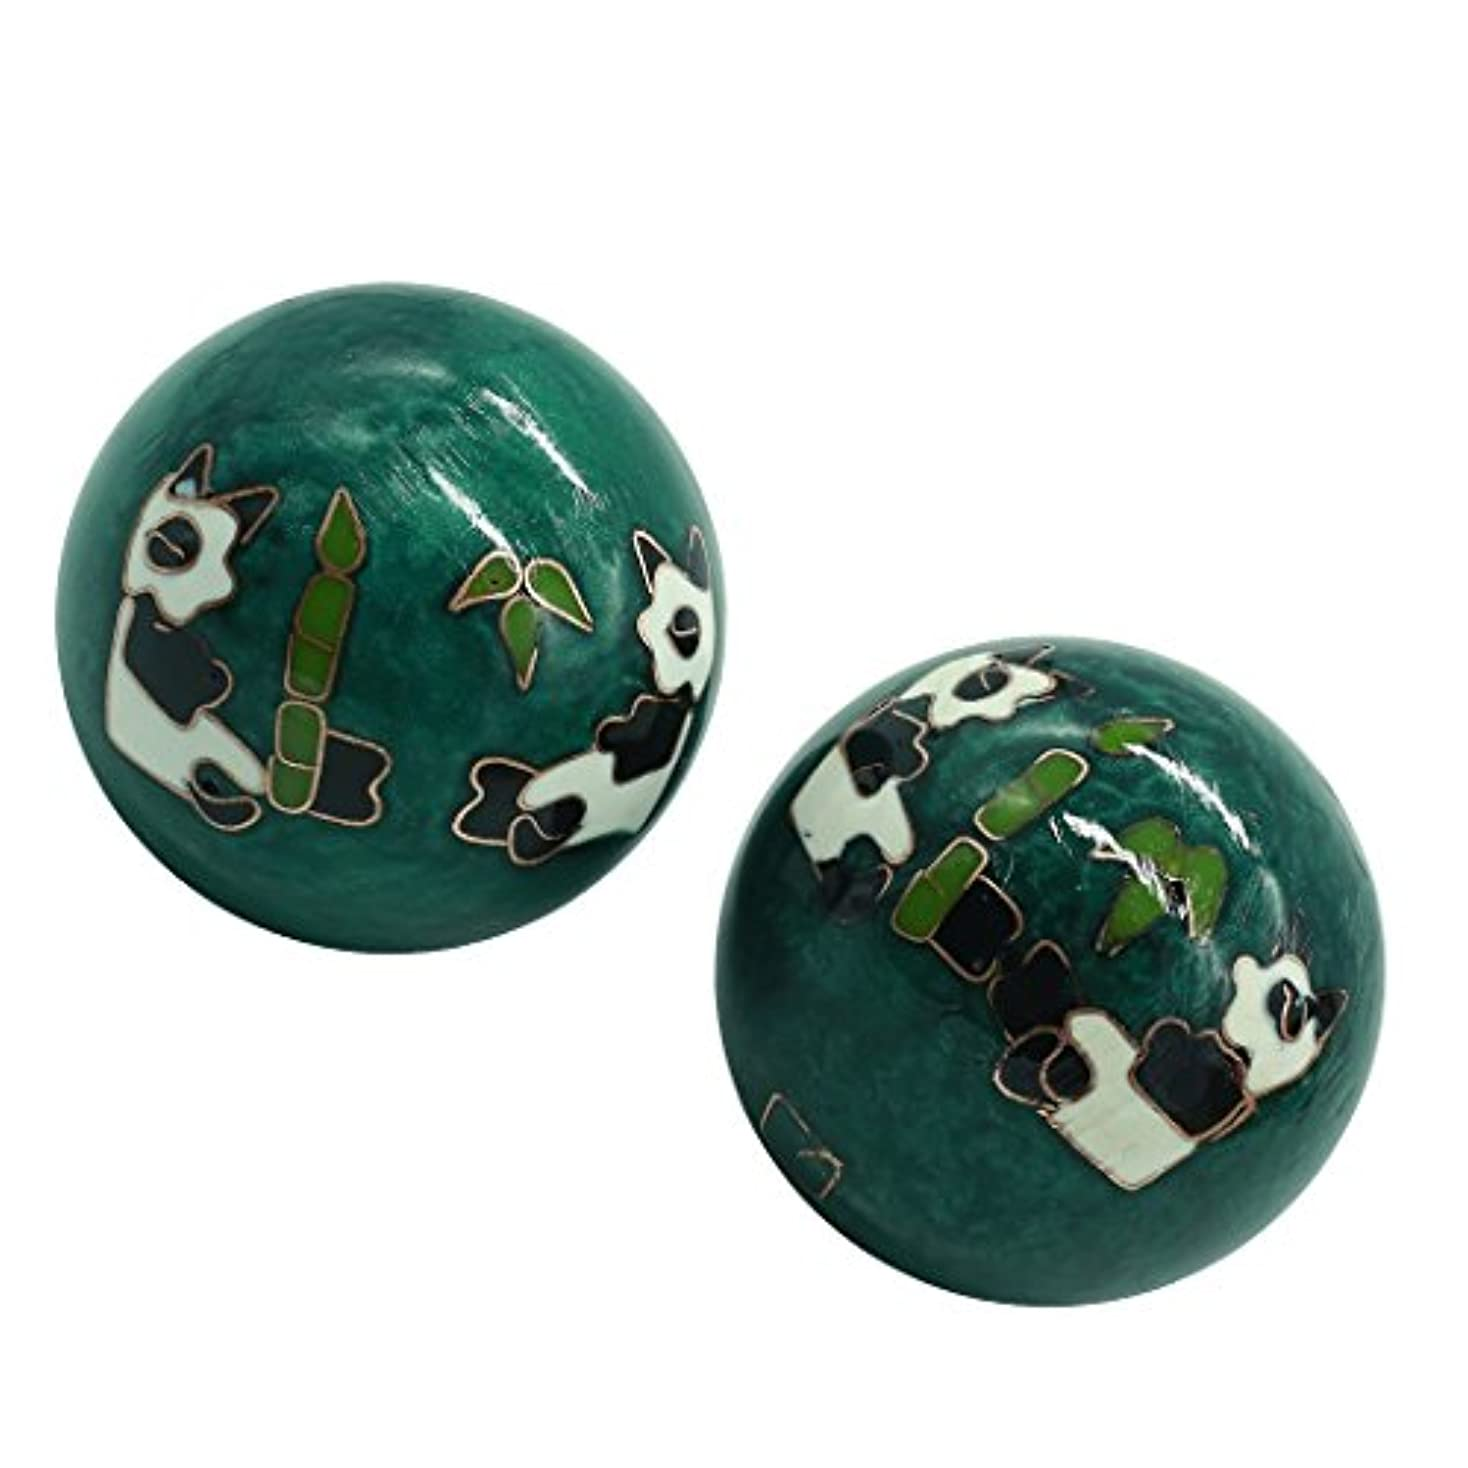 投げる誰治す風水グッズ 健康球 健身球 脳 活性 ストレス トレーニング器具 手の機能回復 2個 パンダ (グリーン, 35mm) INB168